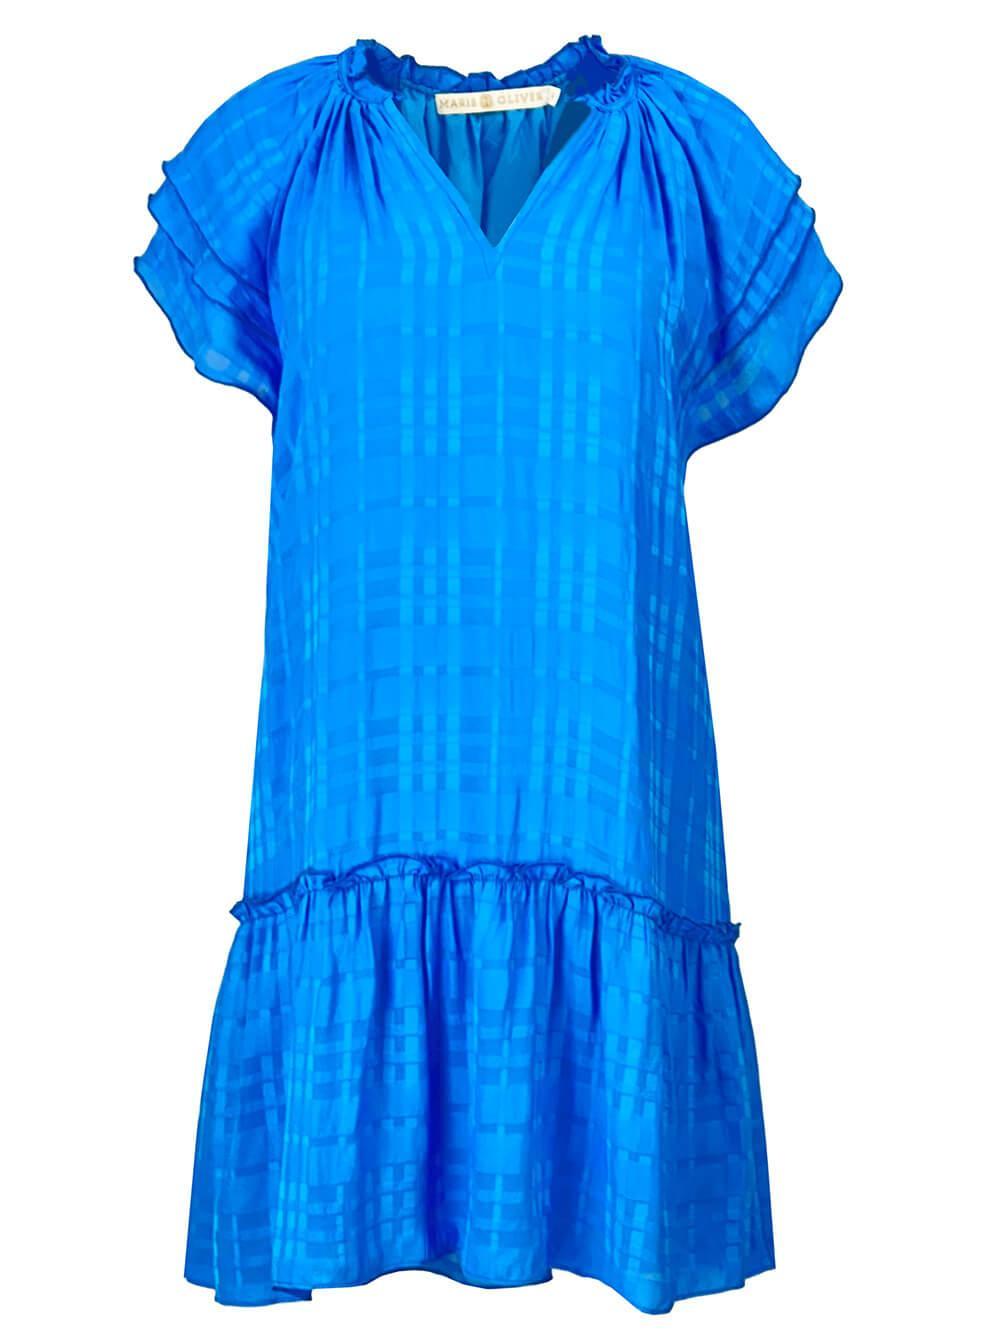 Reid Raglan Dress